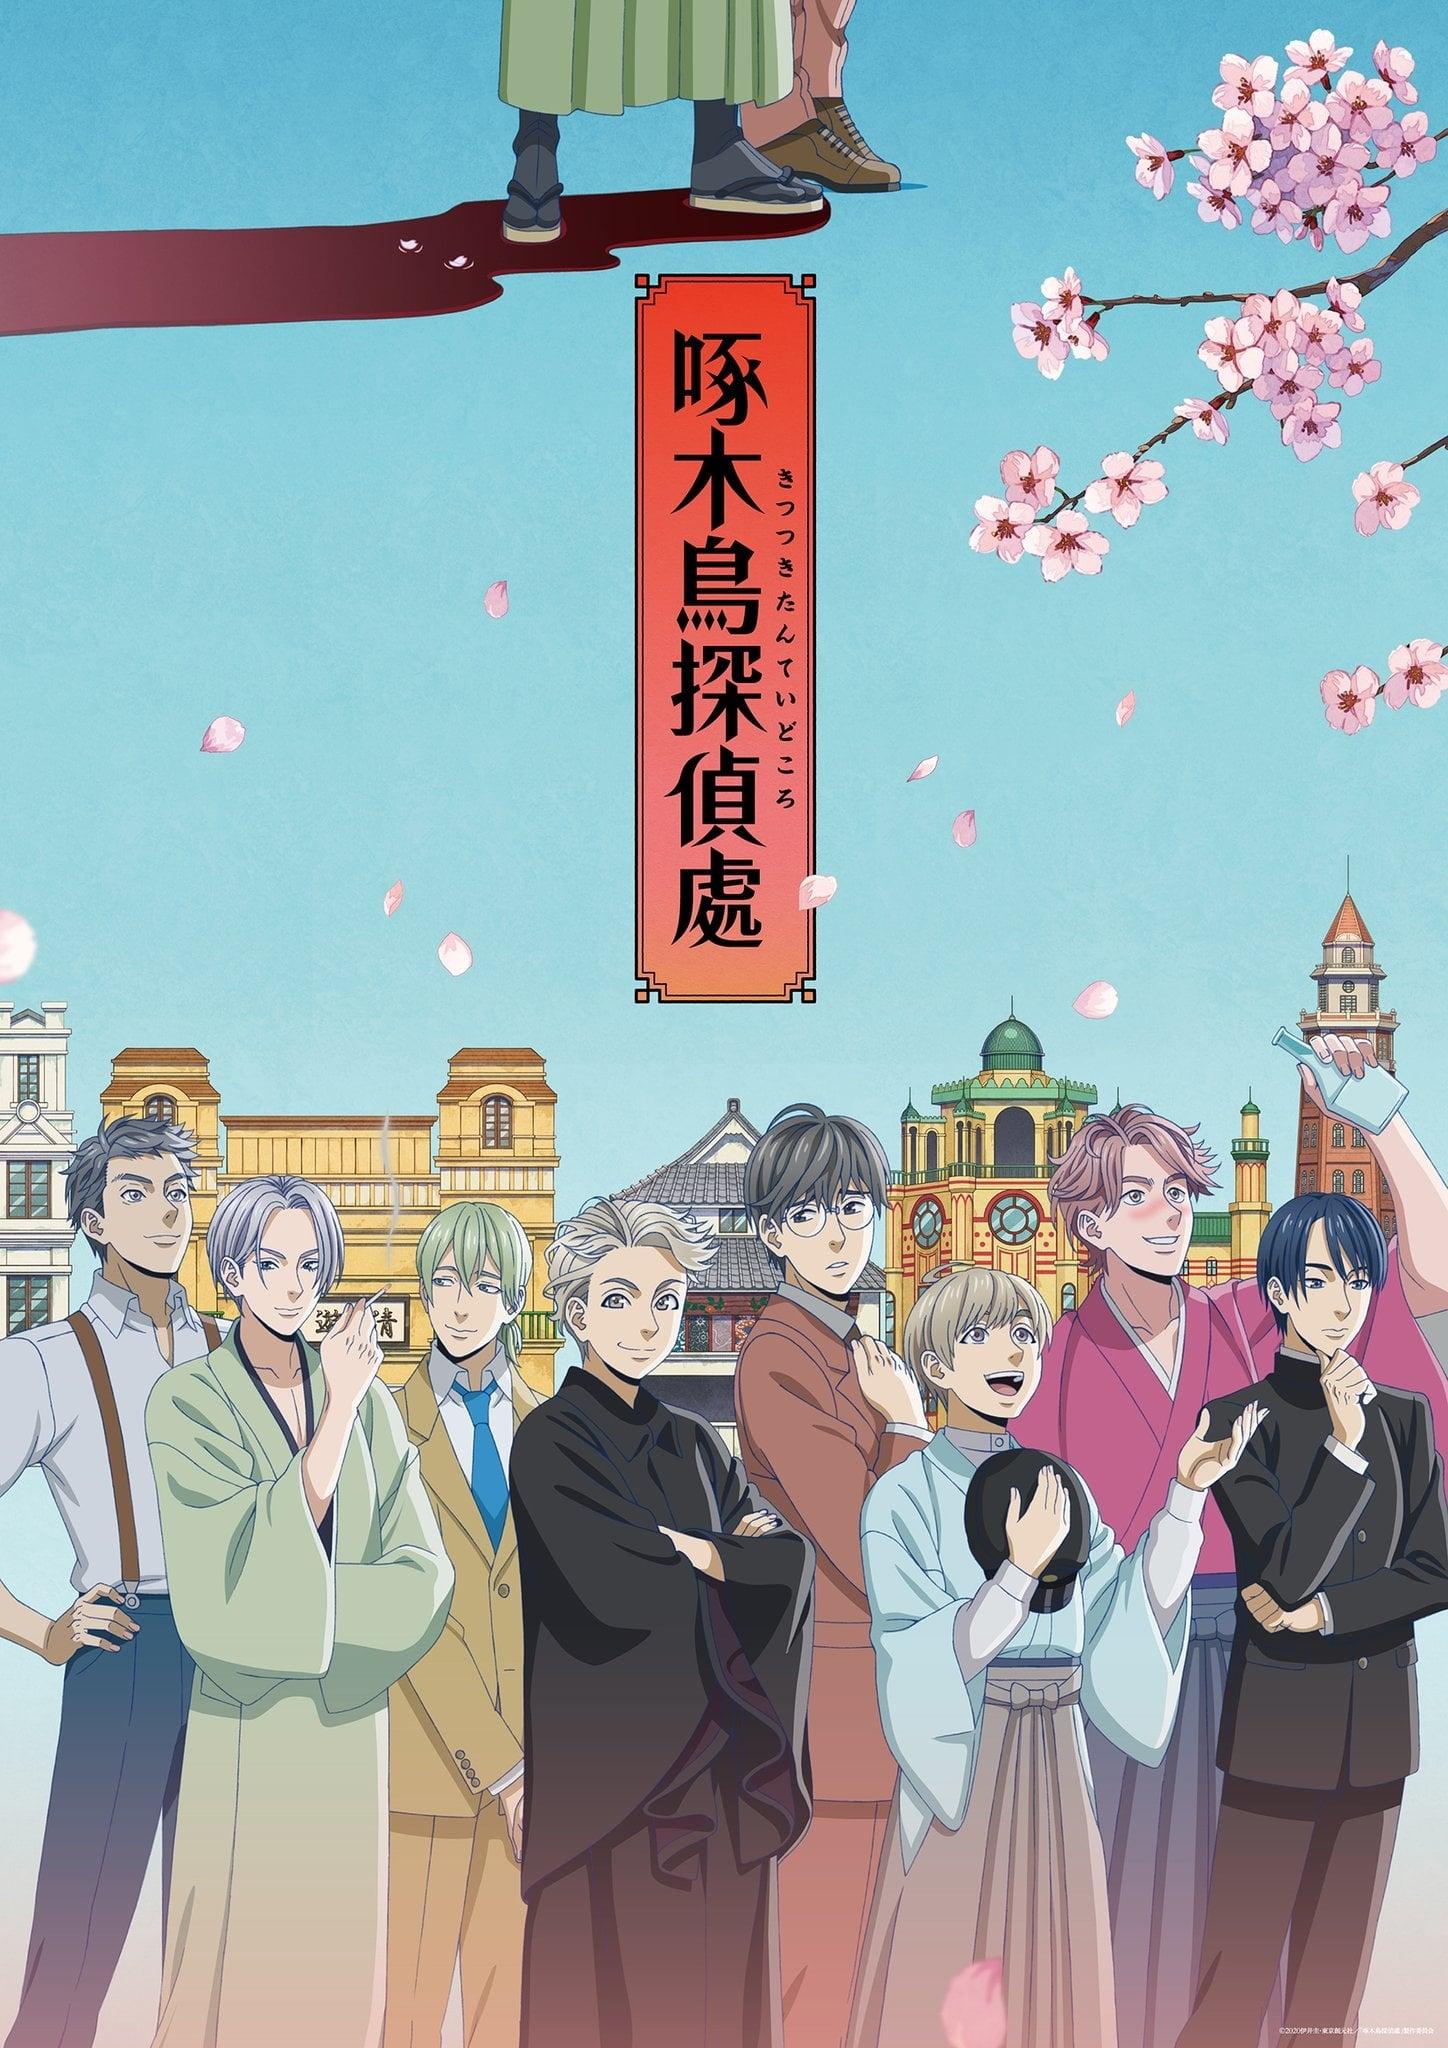 Nonton anime Kitsutsuki Tanteidokoro Sub Indo